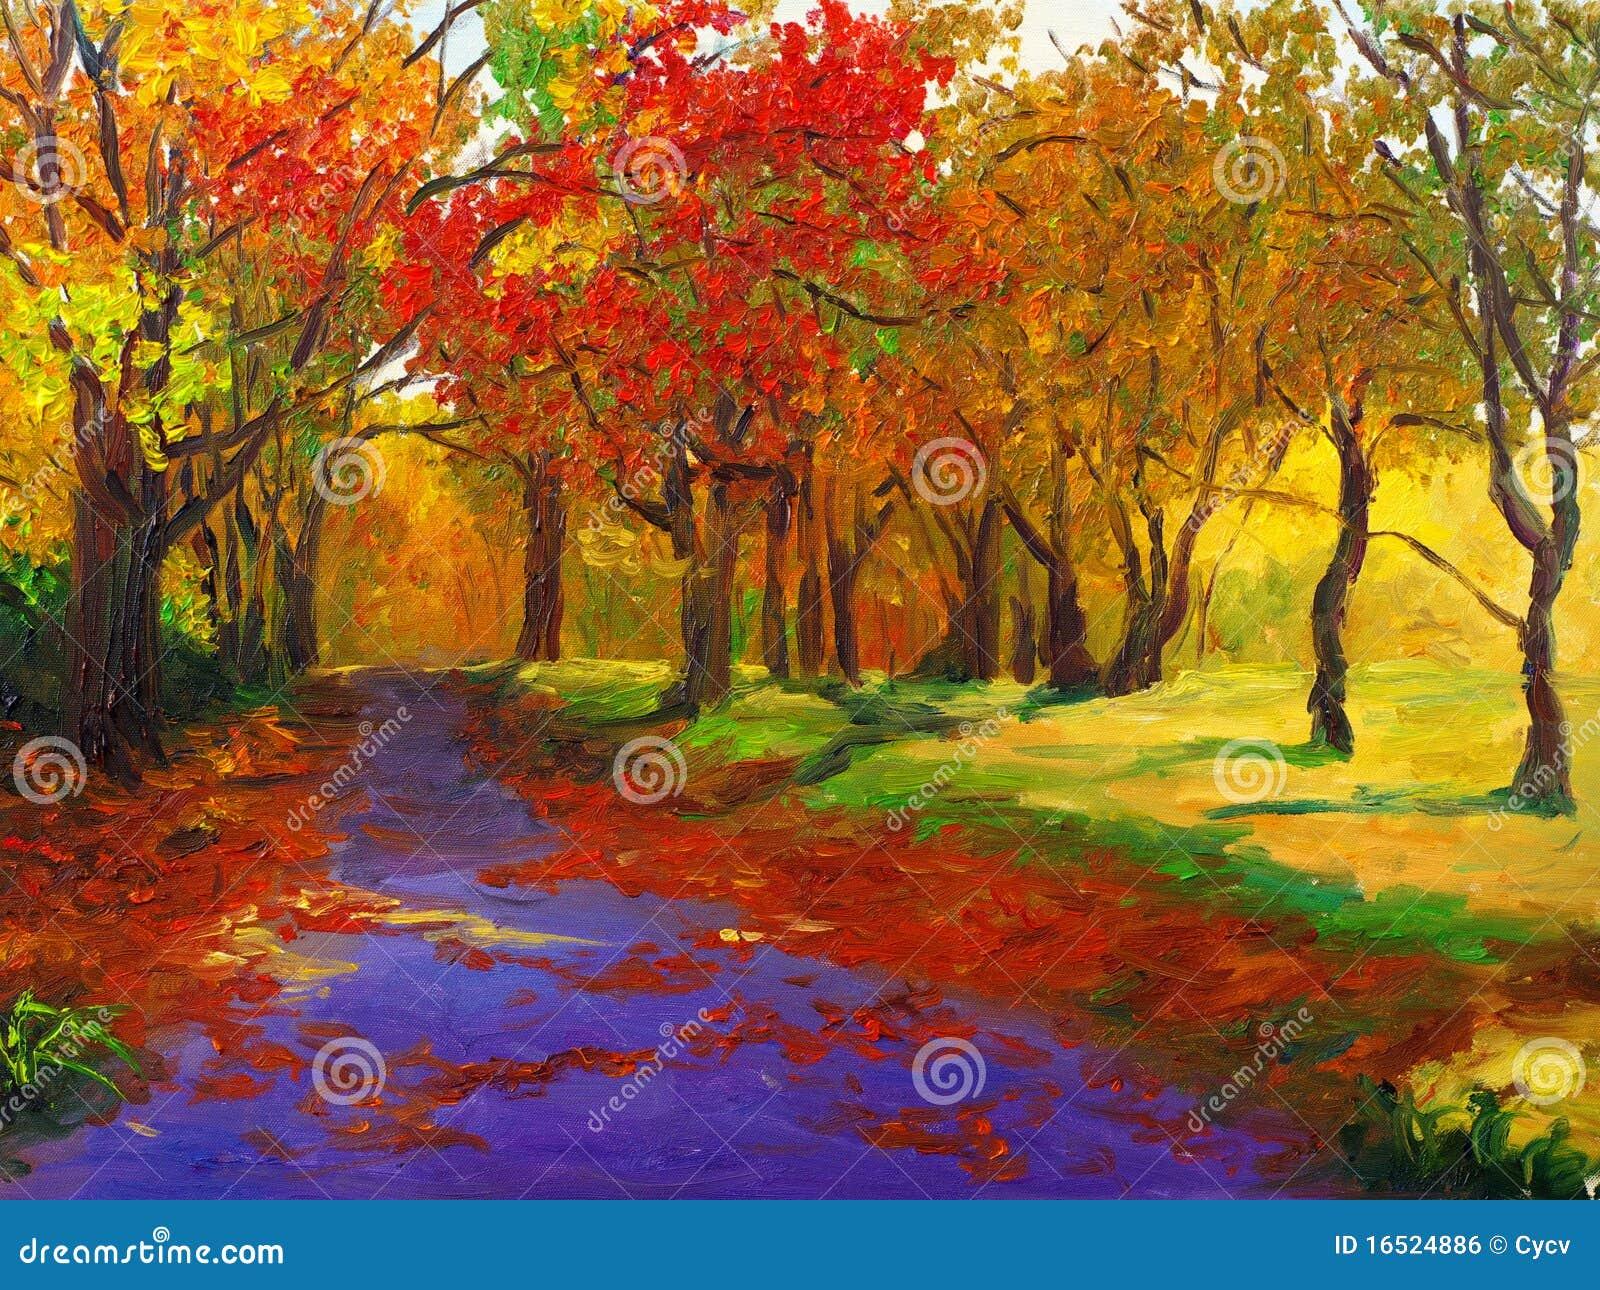 Ölgemälde - Ahornholz im Herbst